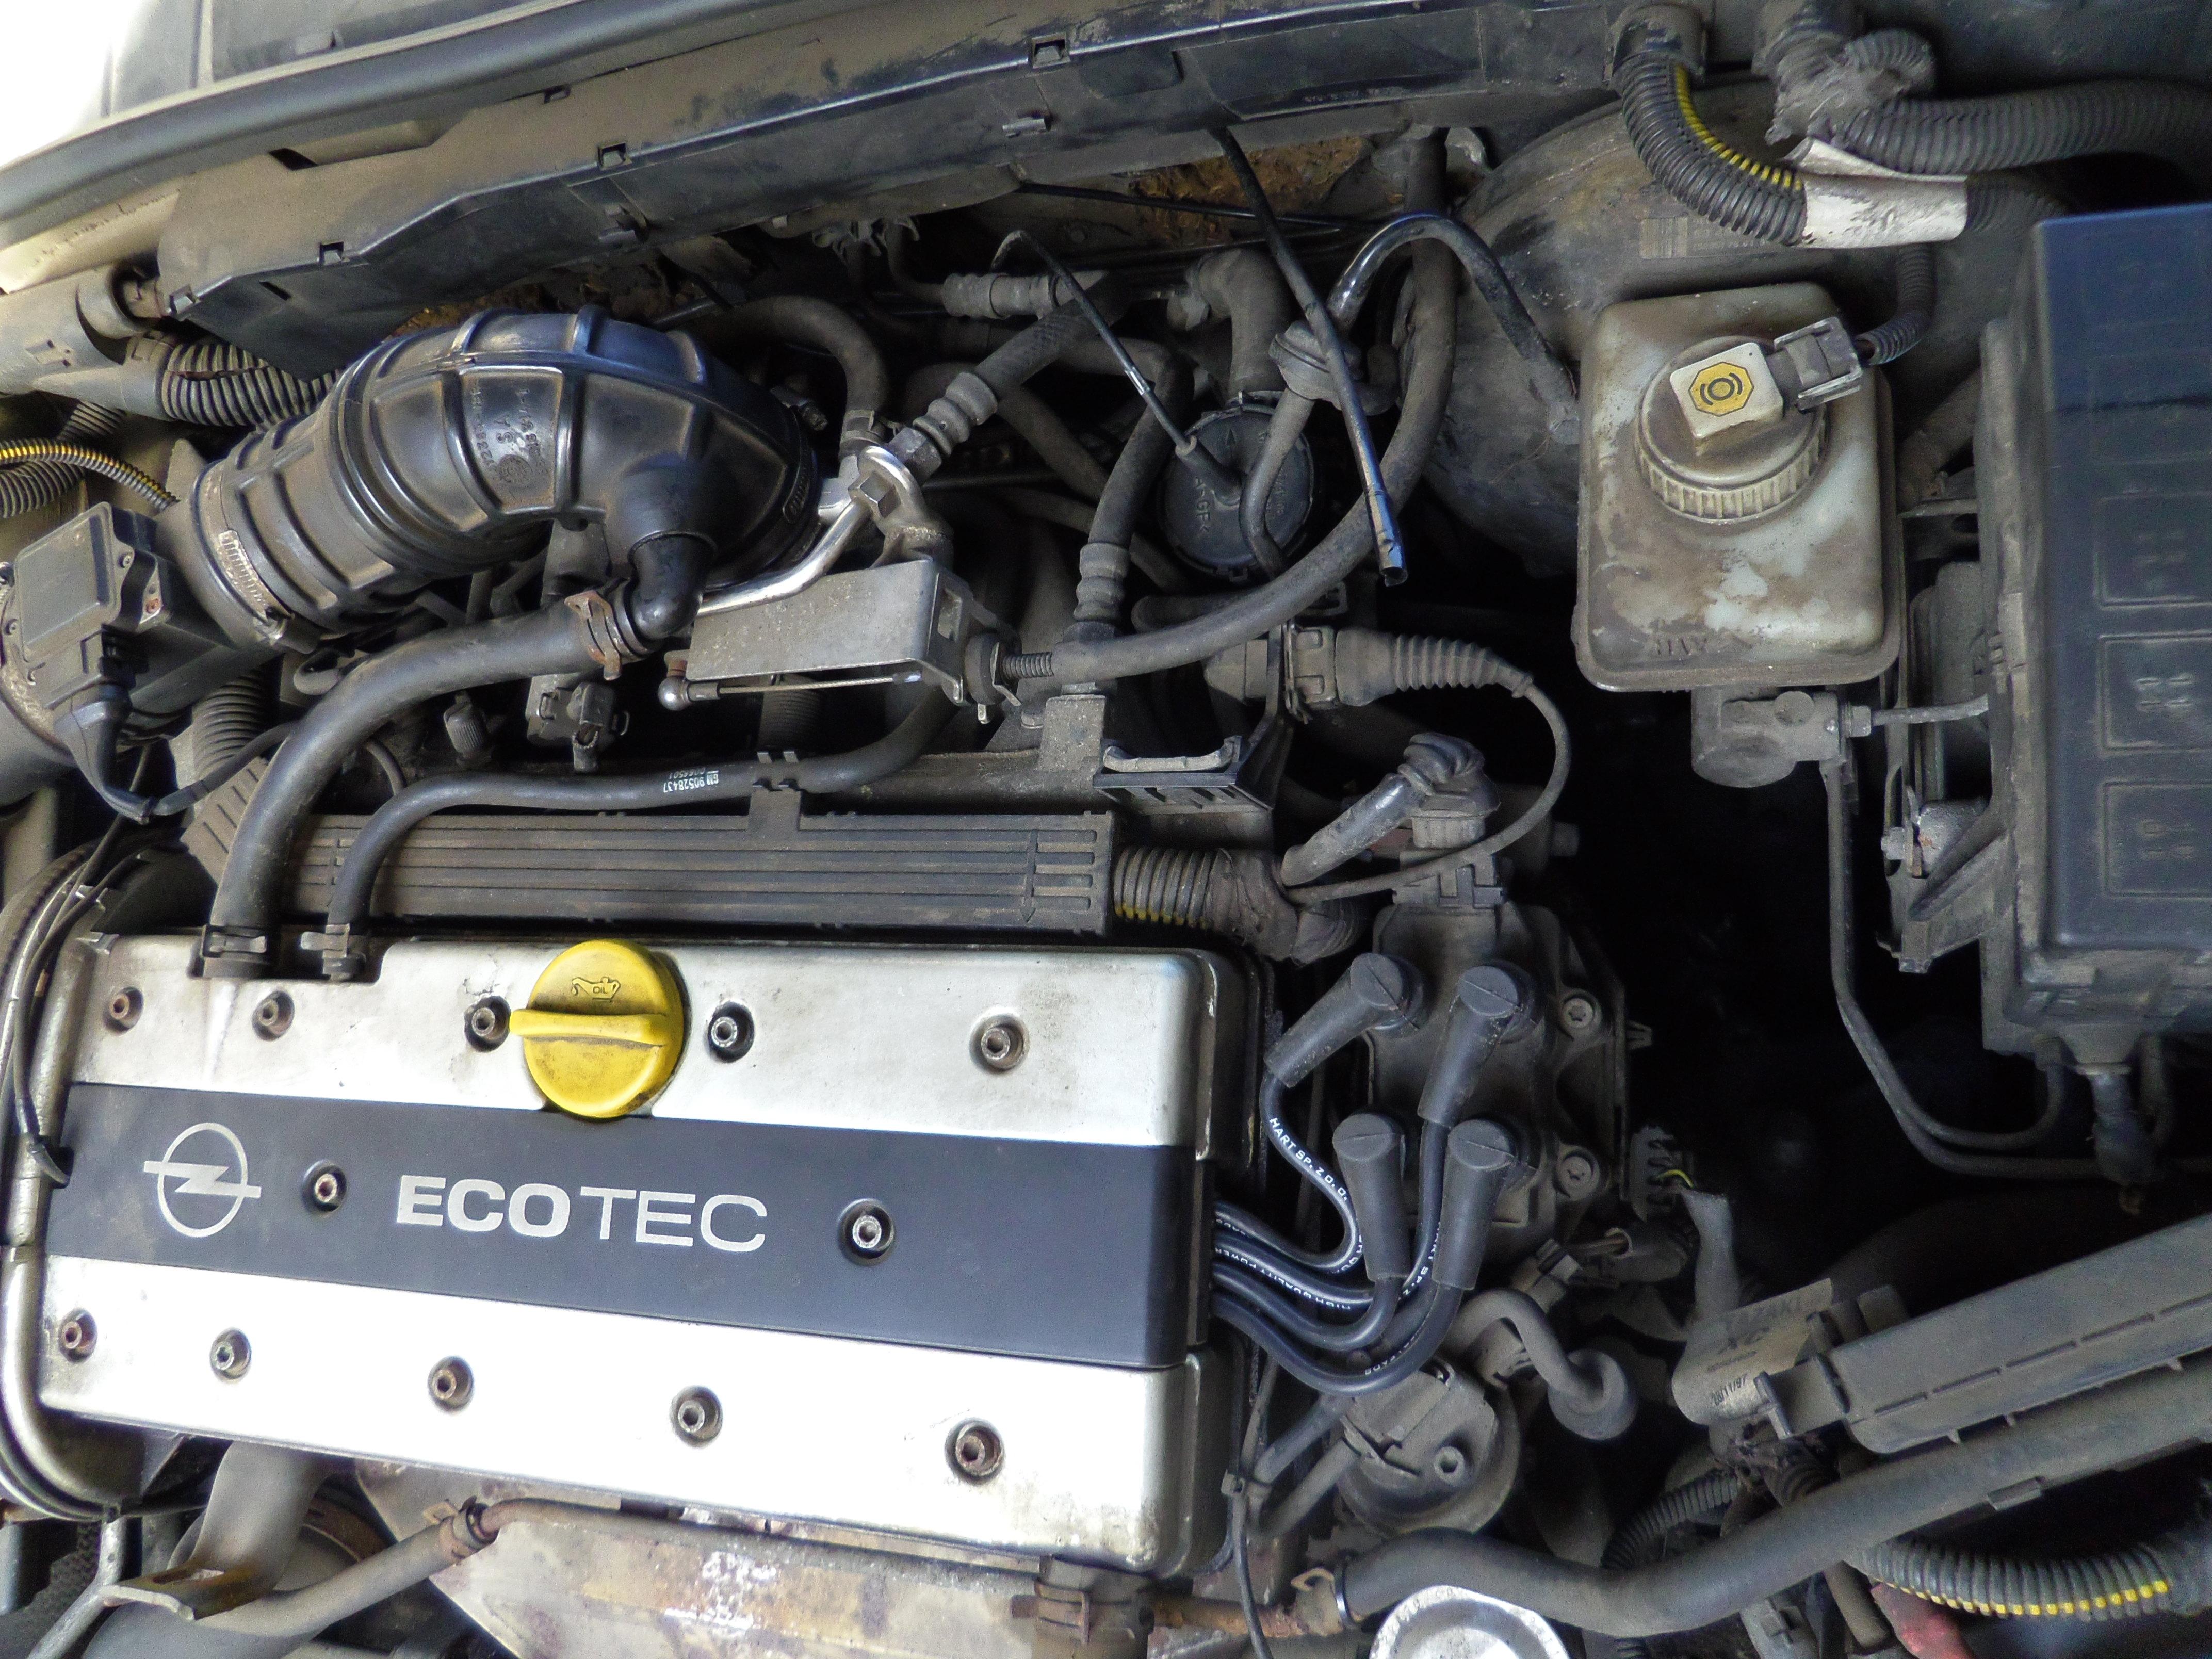 Modne ubrania vectra b 1.8 16v - Nie ma mocy duże spalanie - elektroda.pl PP17